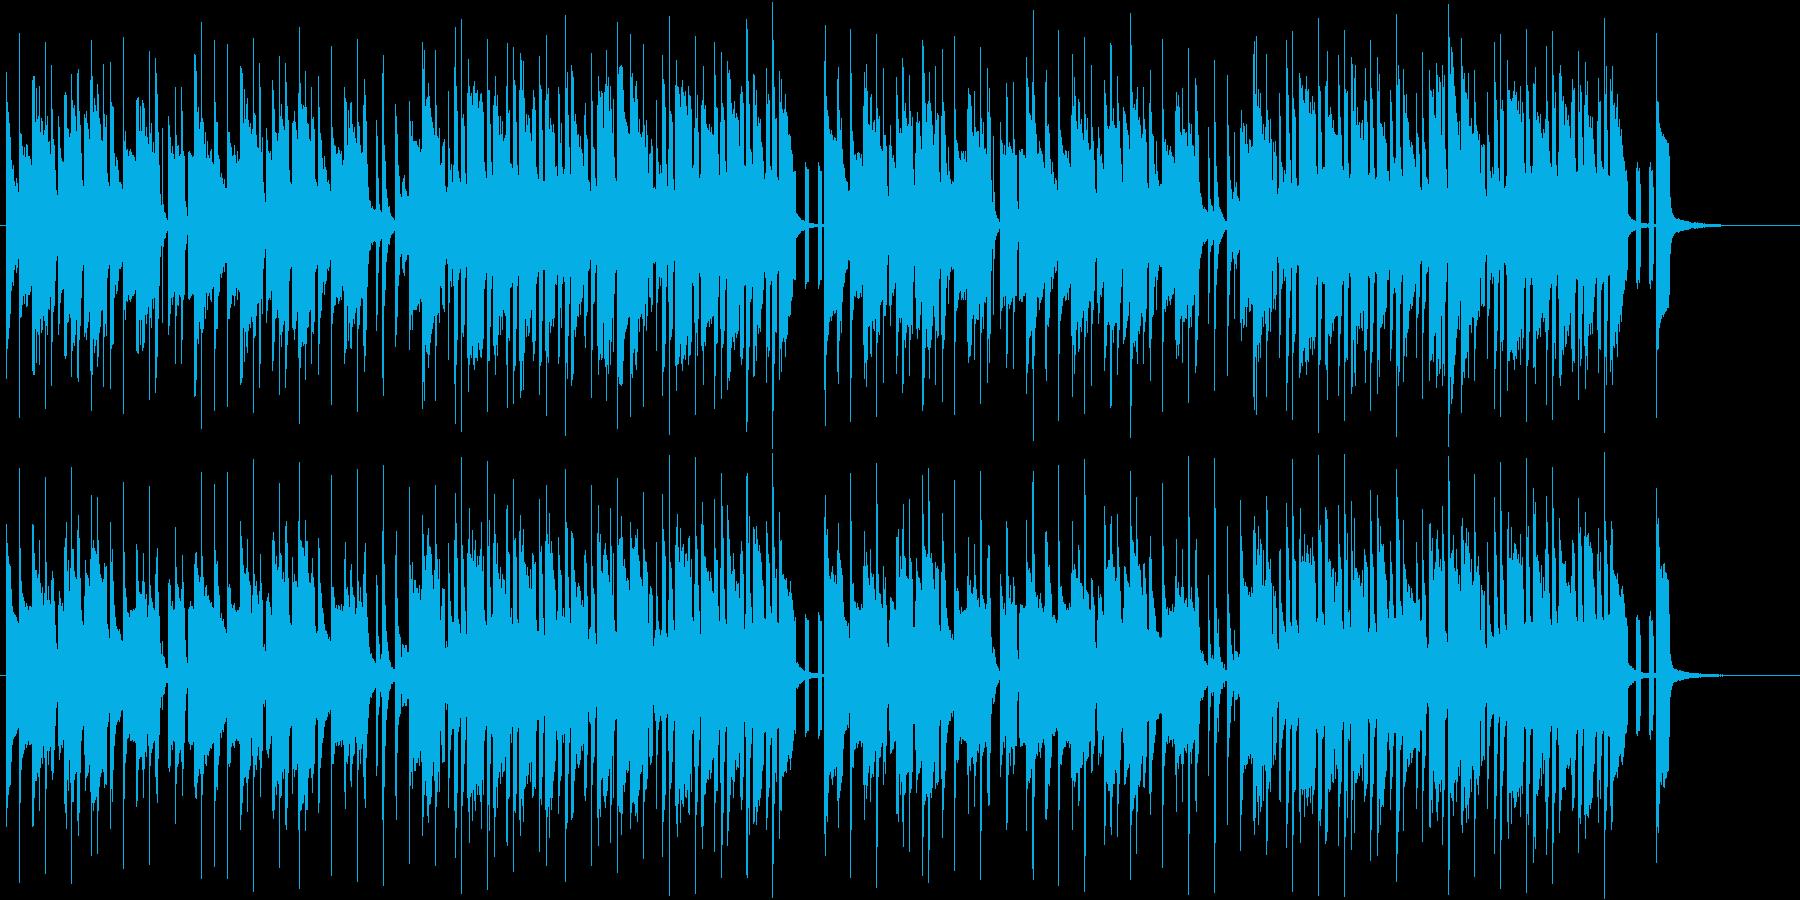 わくわく感溢れる明るいポップミュージックの再生済みの波形